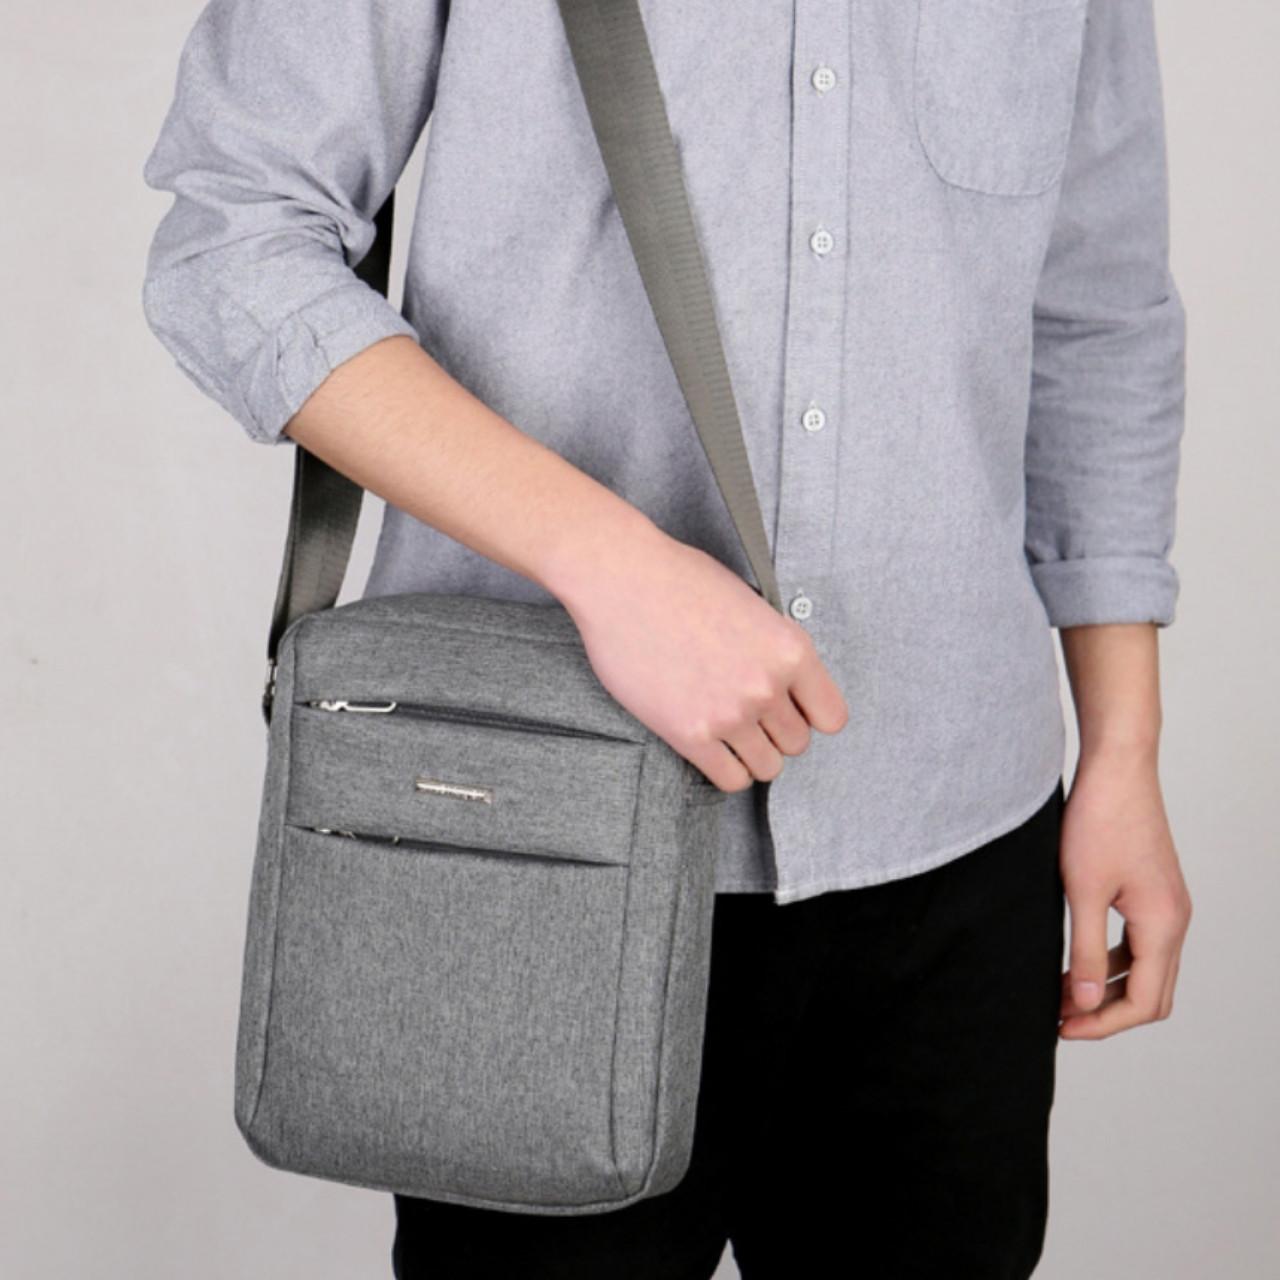 Мужская сумка тканевая через плечо барсетка месенджер crossbody кросс боди для документов повседневная